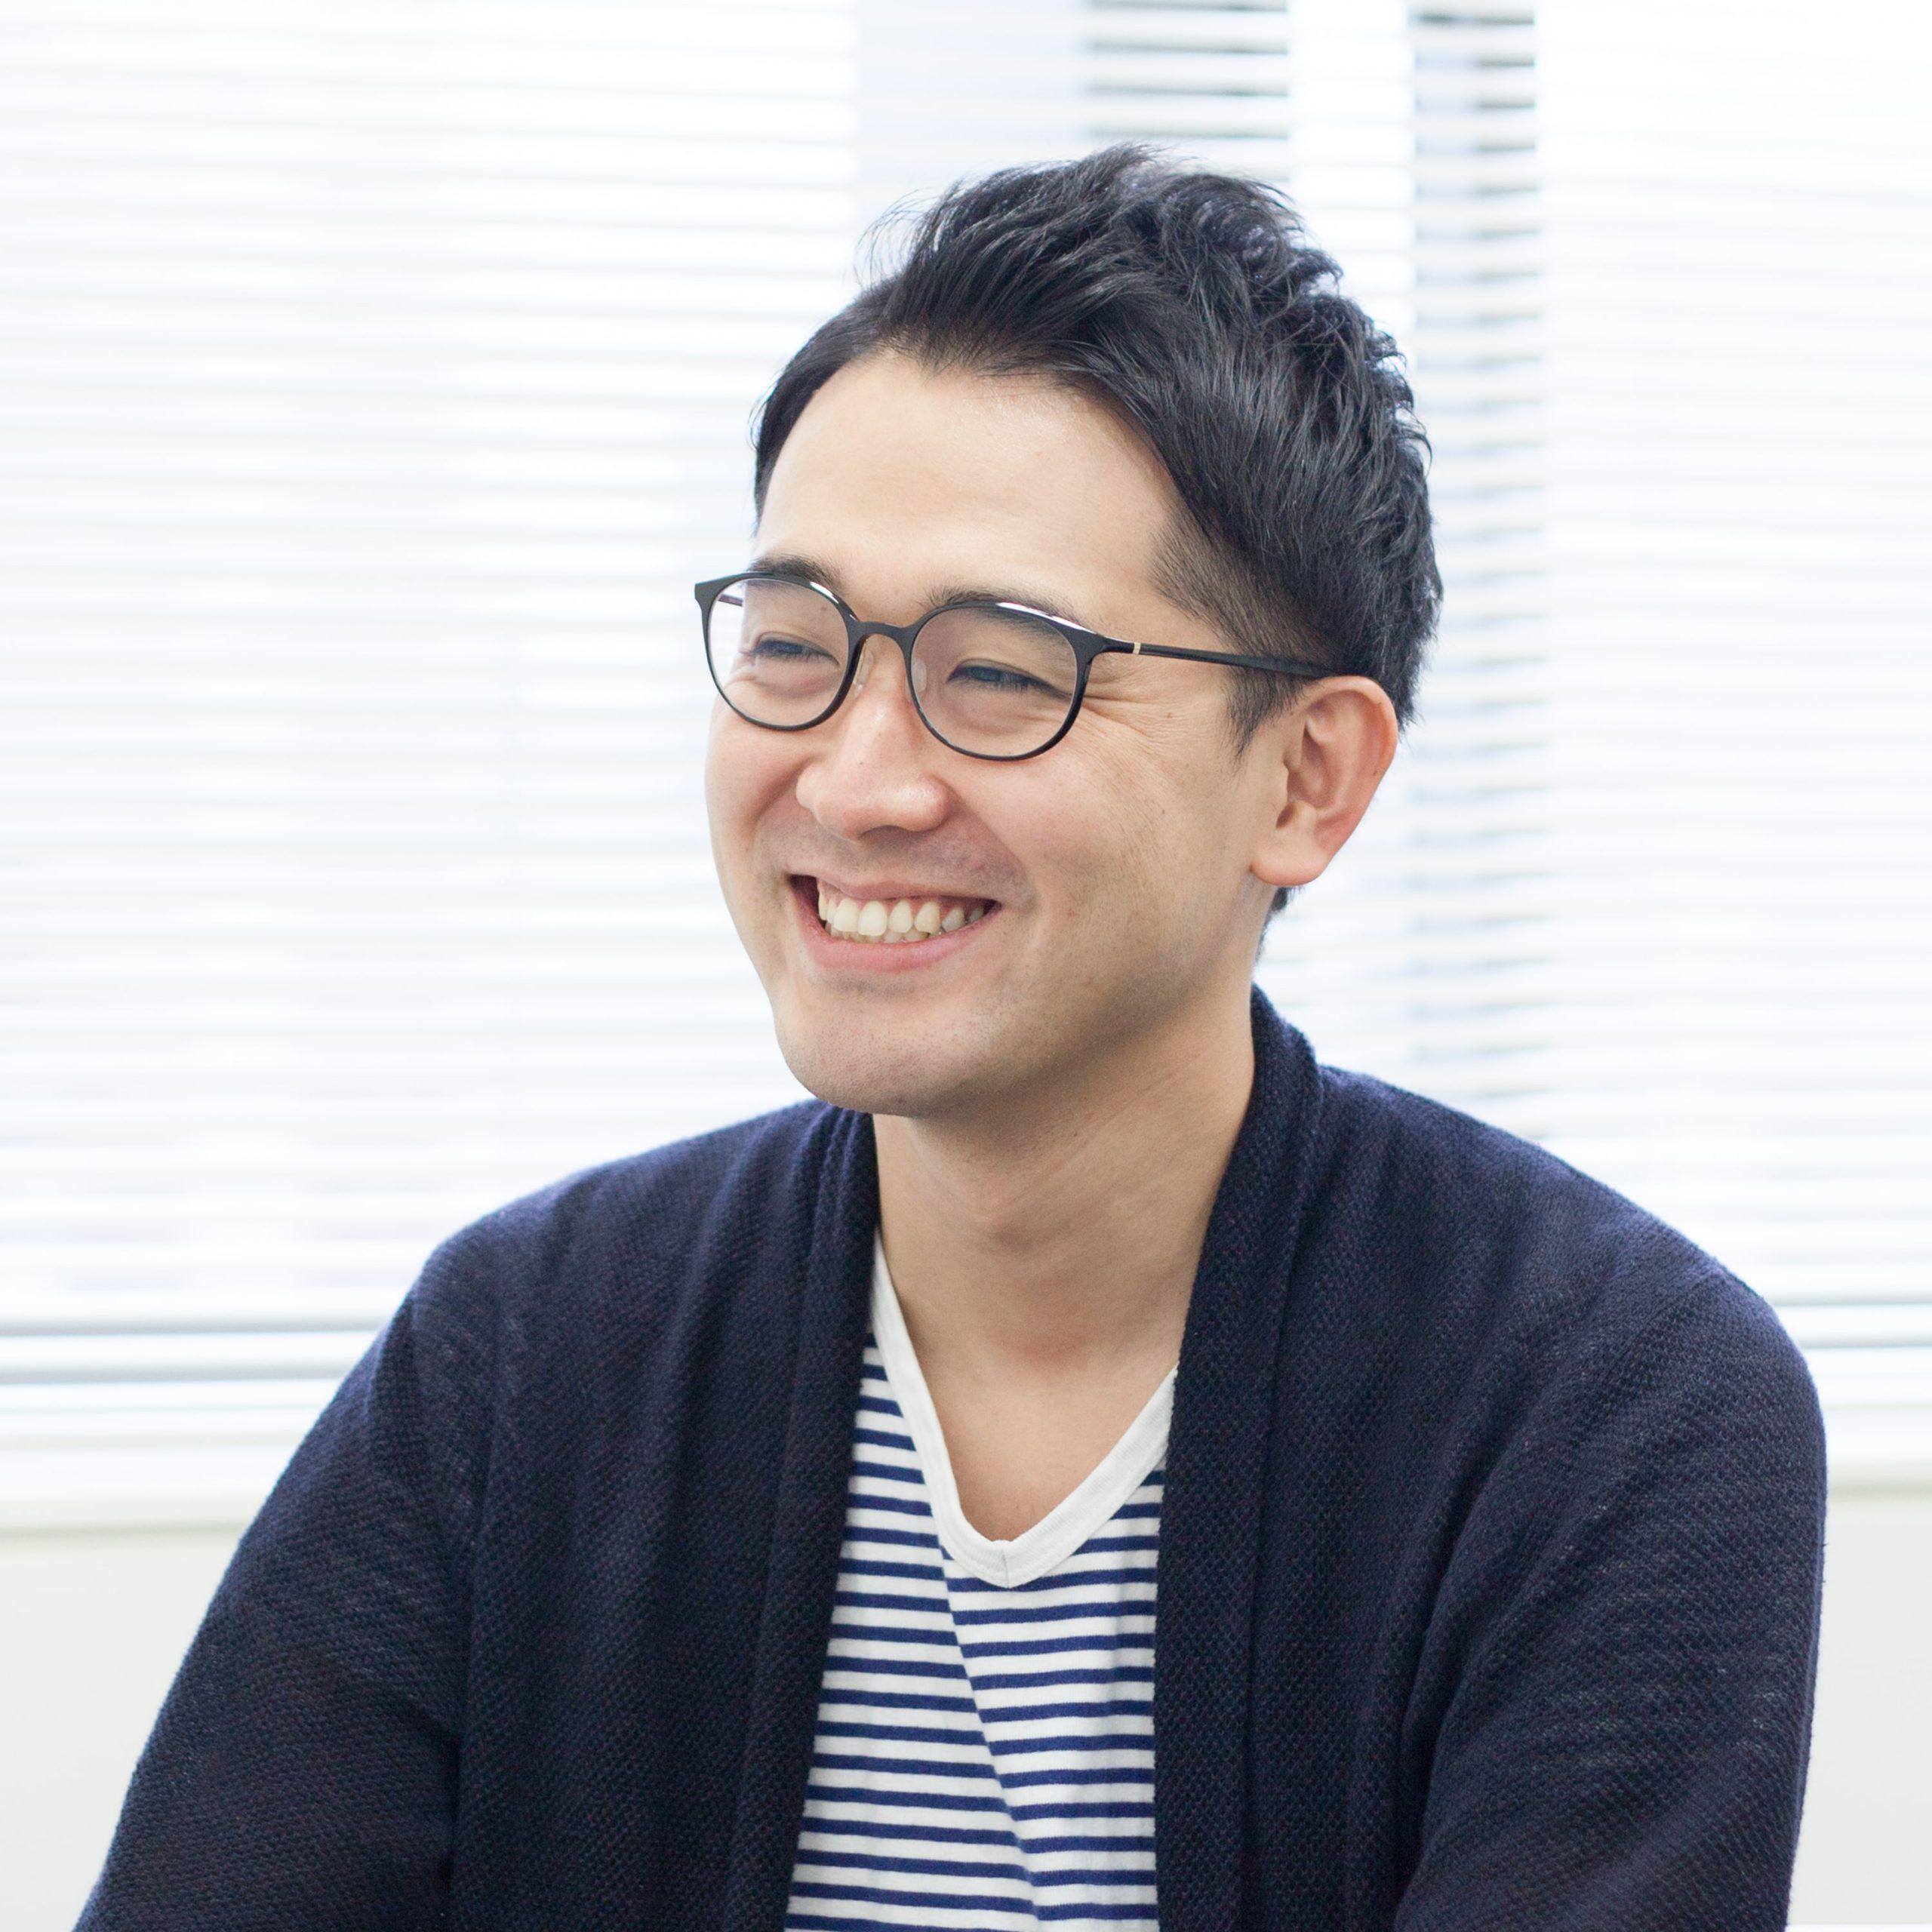 HRカンファレンス2020~「若手のリーダーシップをどう開発するか」舘野泰一氏と対談~